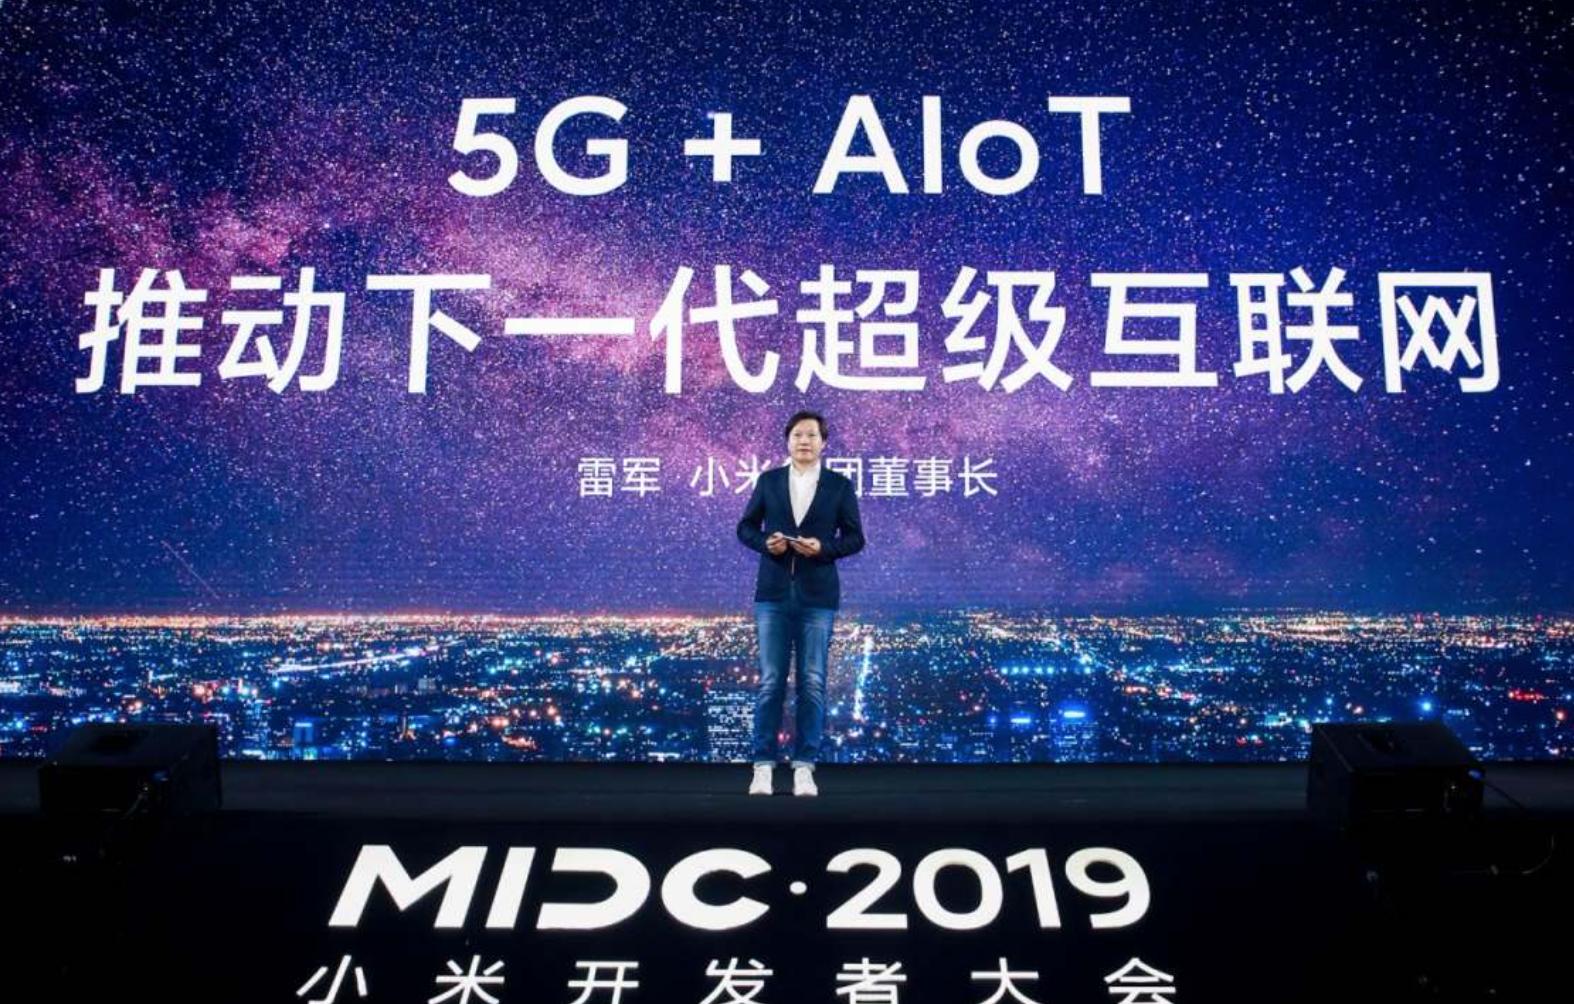 小米雷軍:5G+AIoT推動下一代超級互聯網